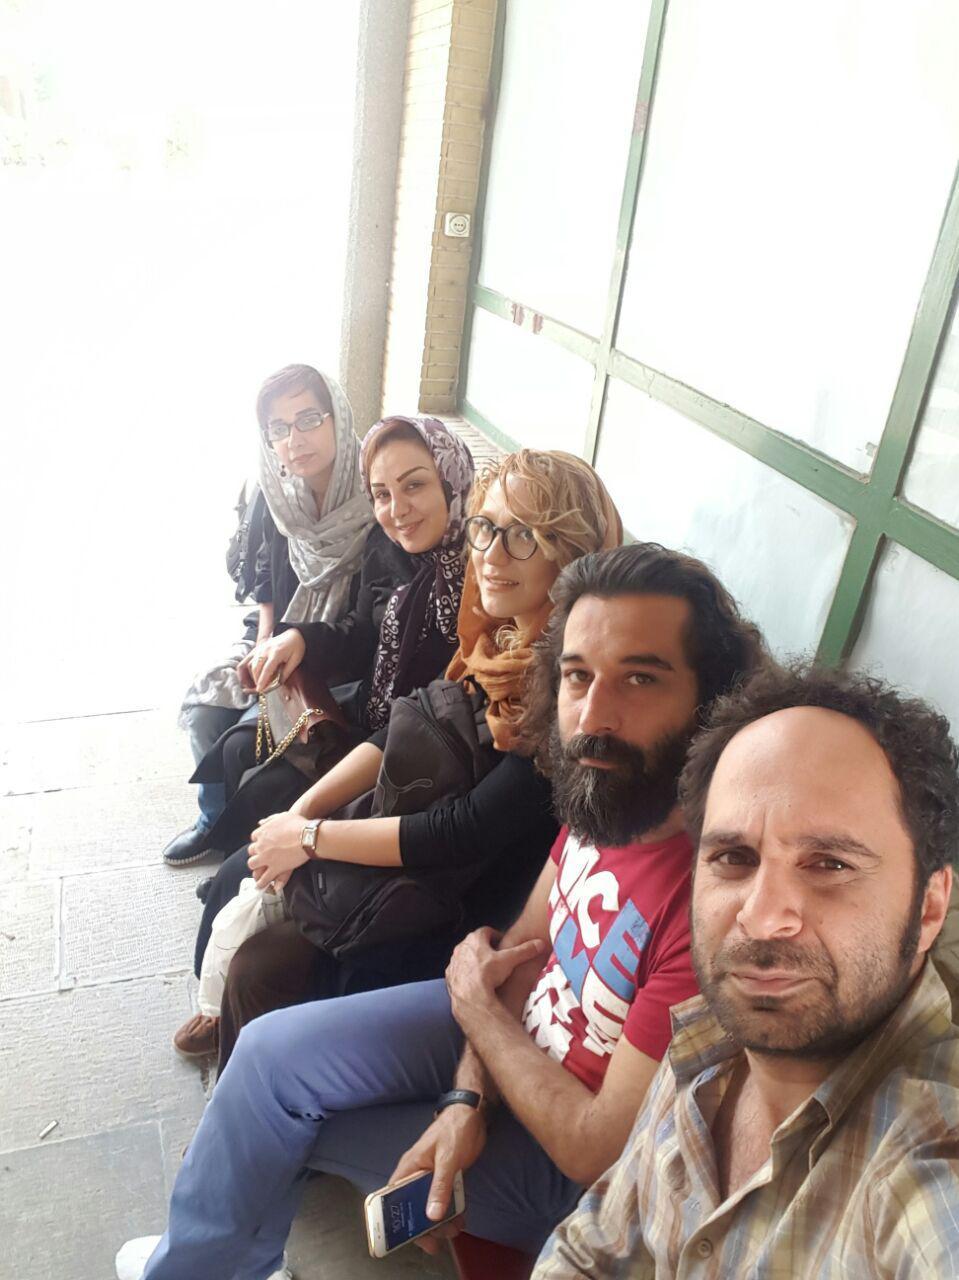 بهنوش بختیاری در پشت صحنه فیلم سینمایی اینجا امن نیست کارگردان احمد معظمی